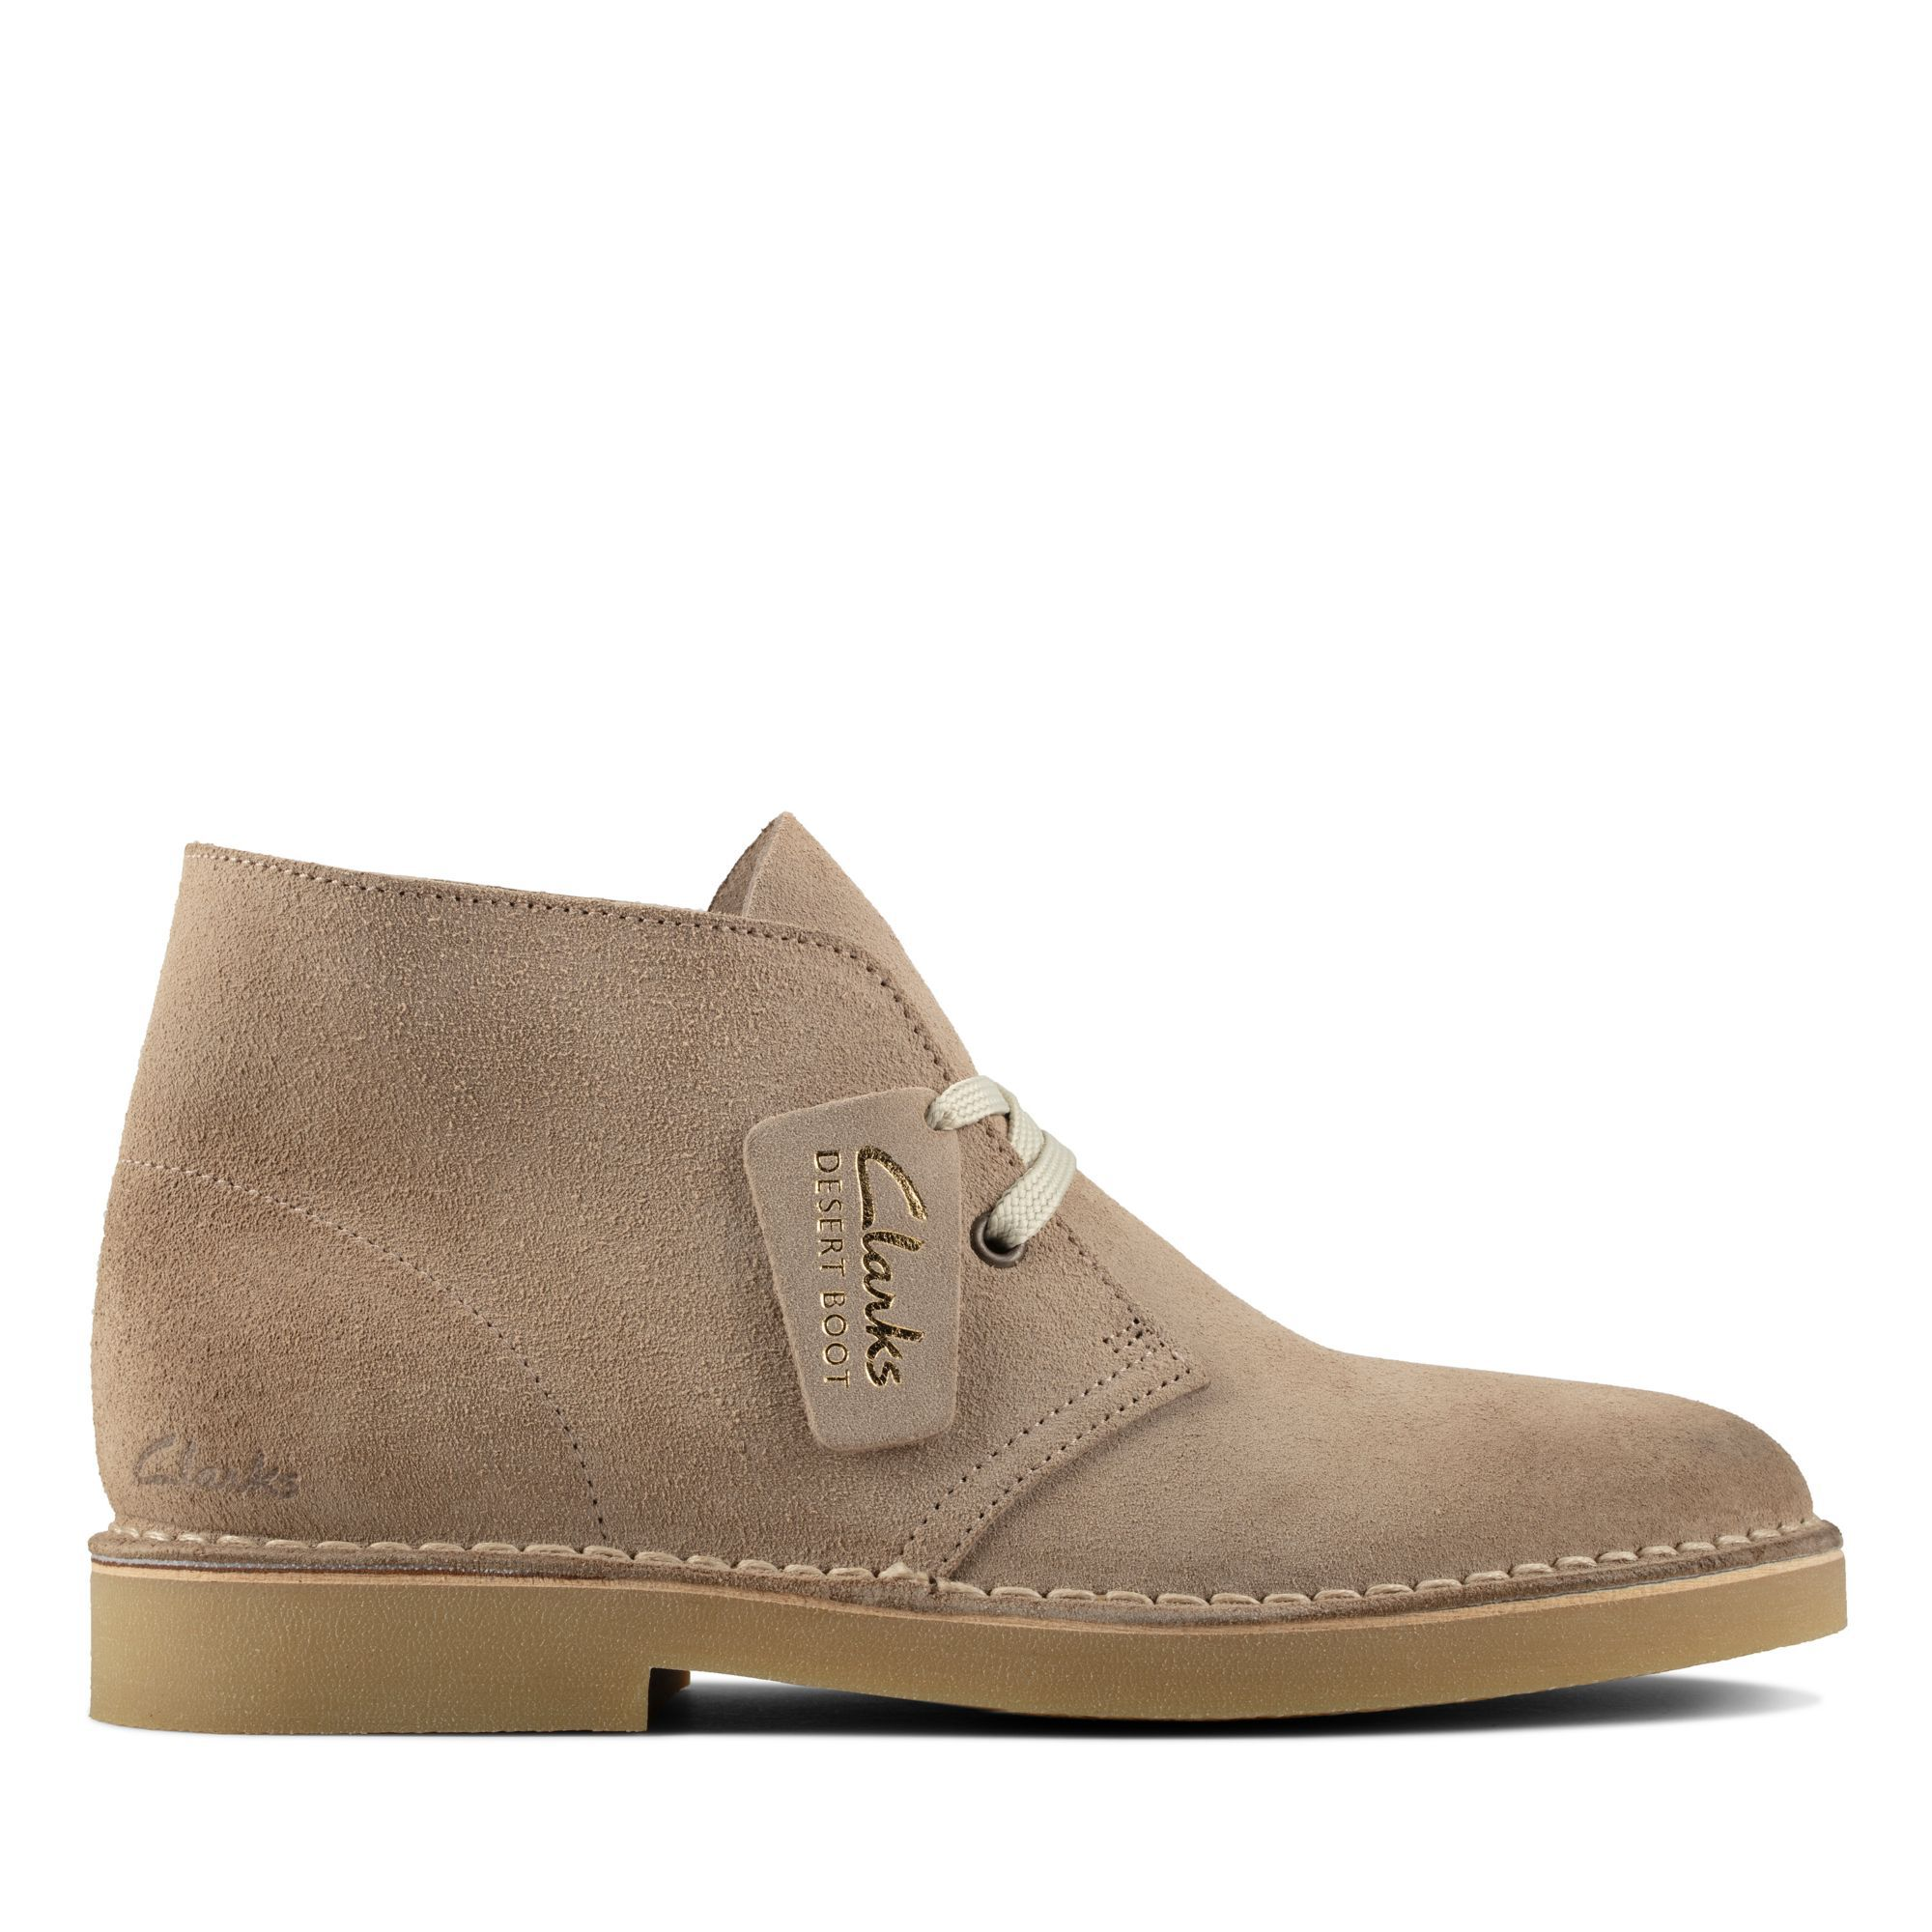 Sand Suede Desert Boots - Desert Boot 2